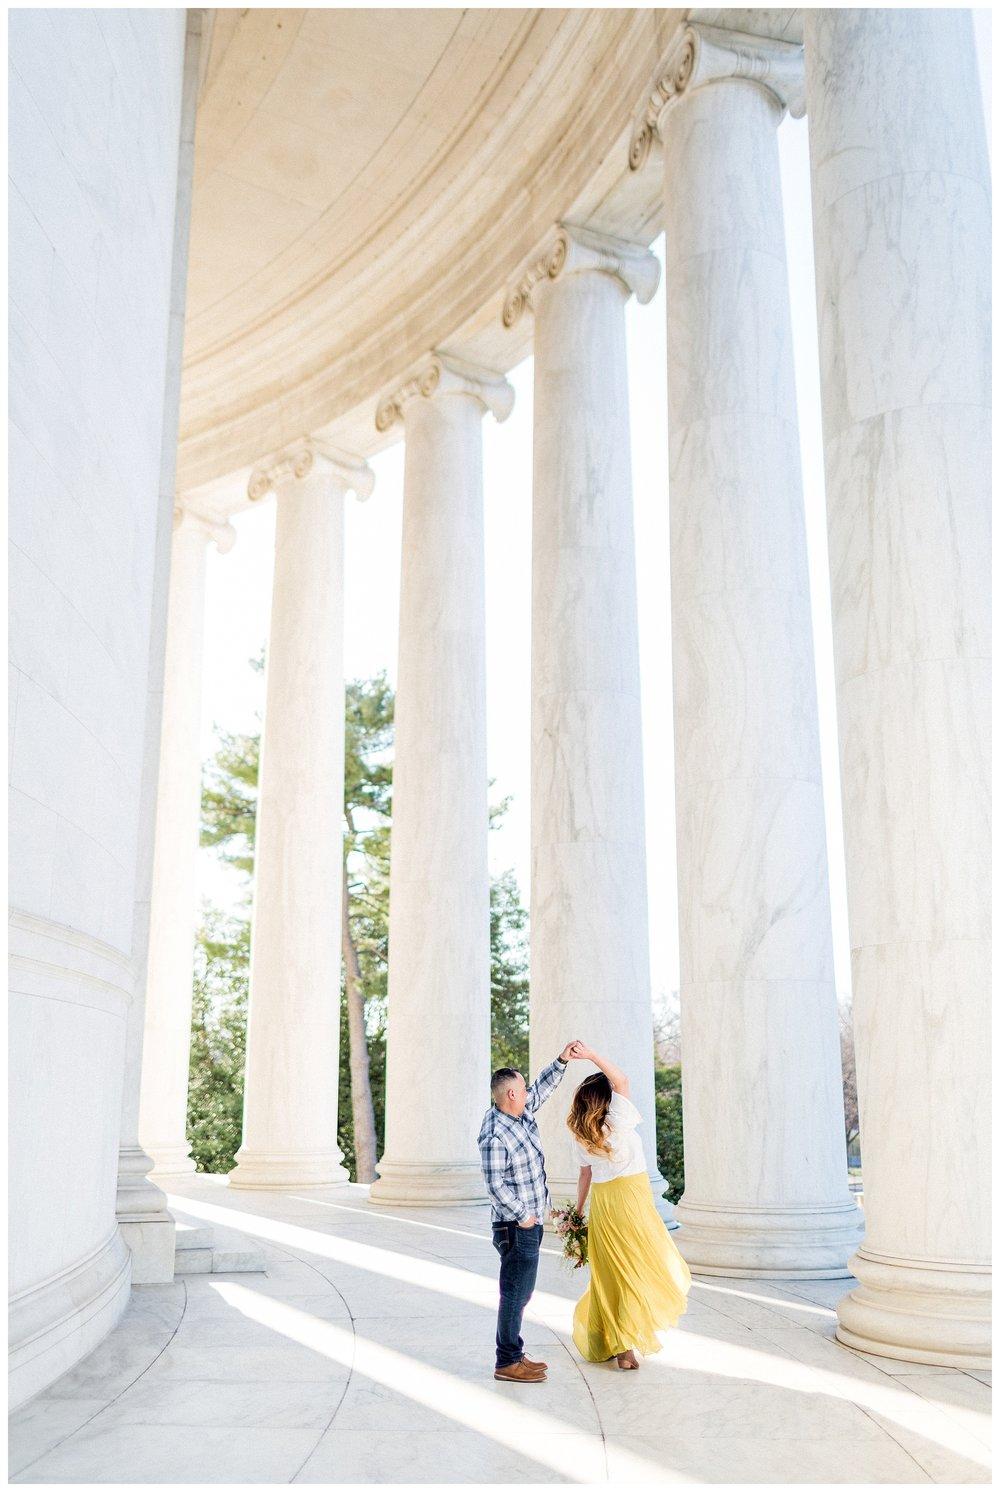 Washington DC Engagement Photos   Thomas Jefferson Engagement Session_0017.jpg